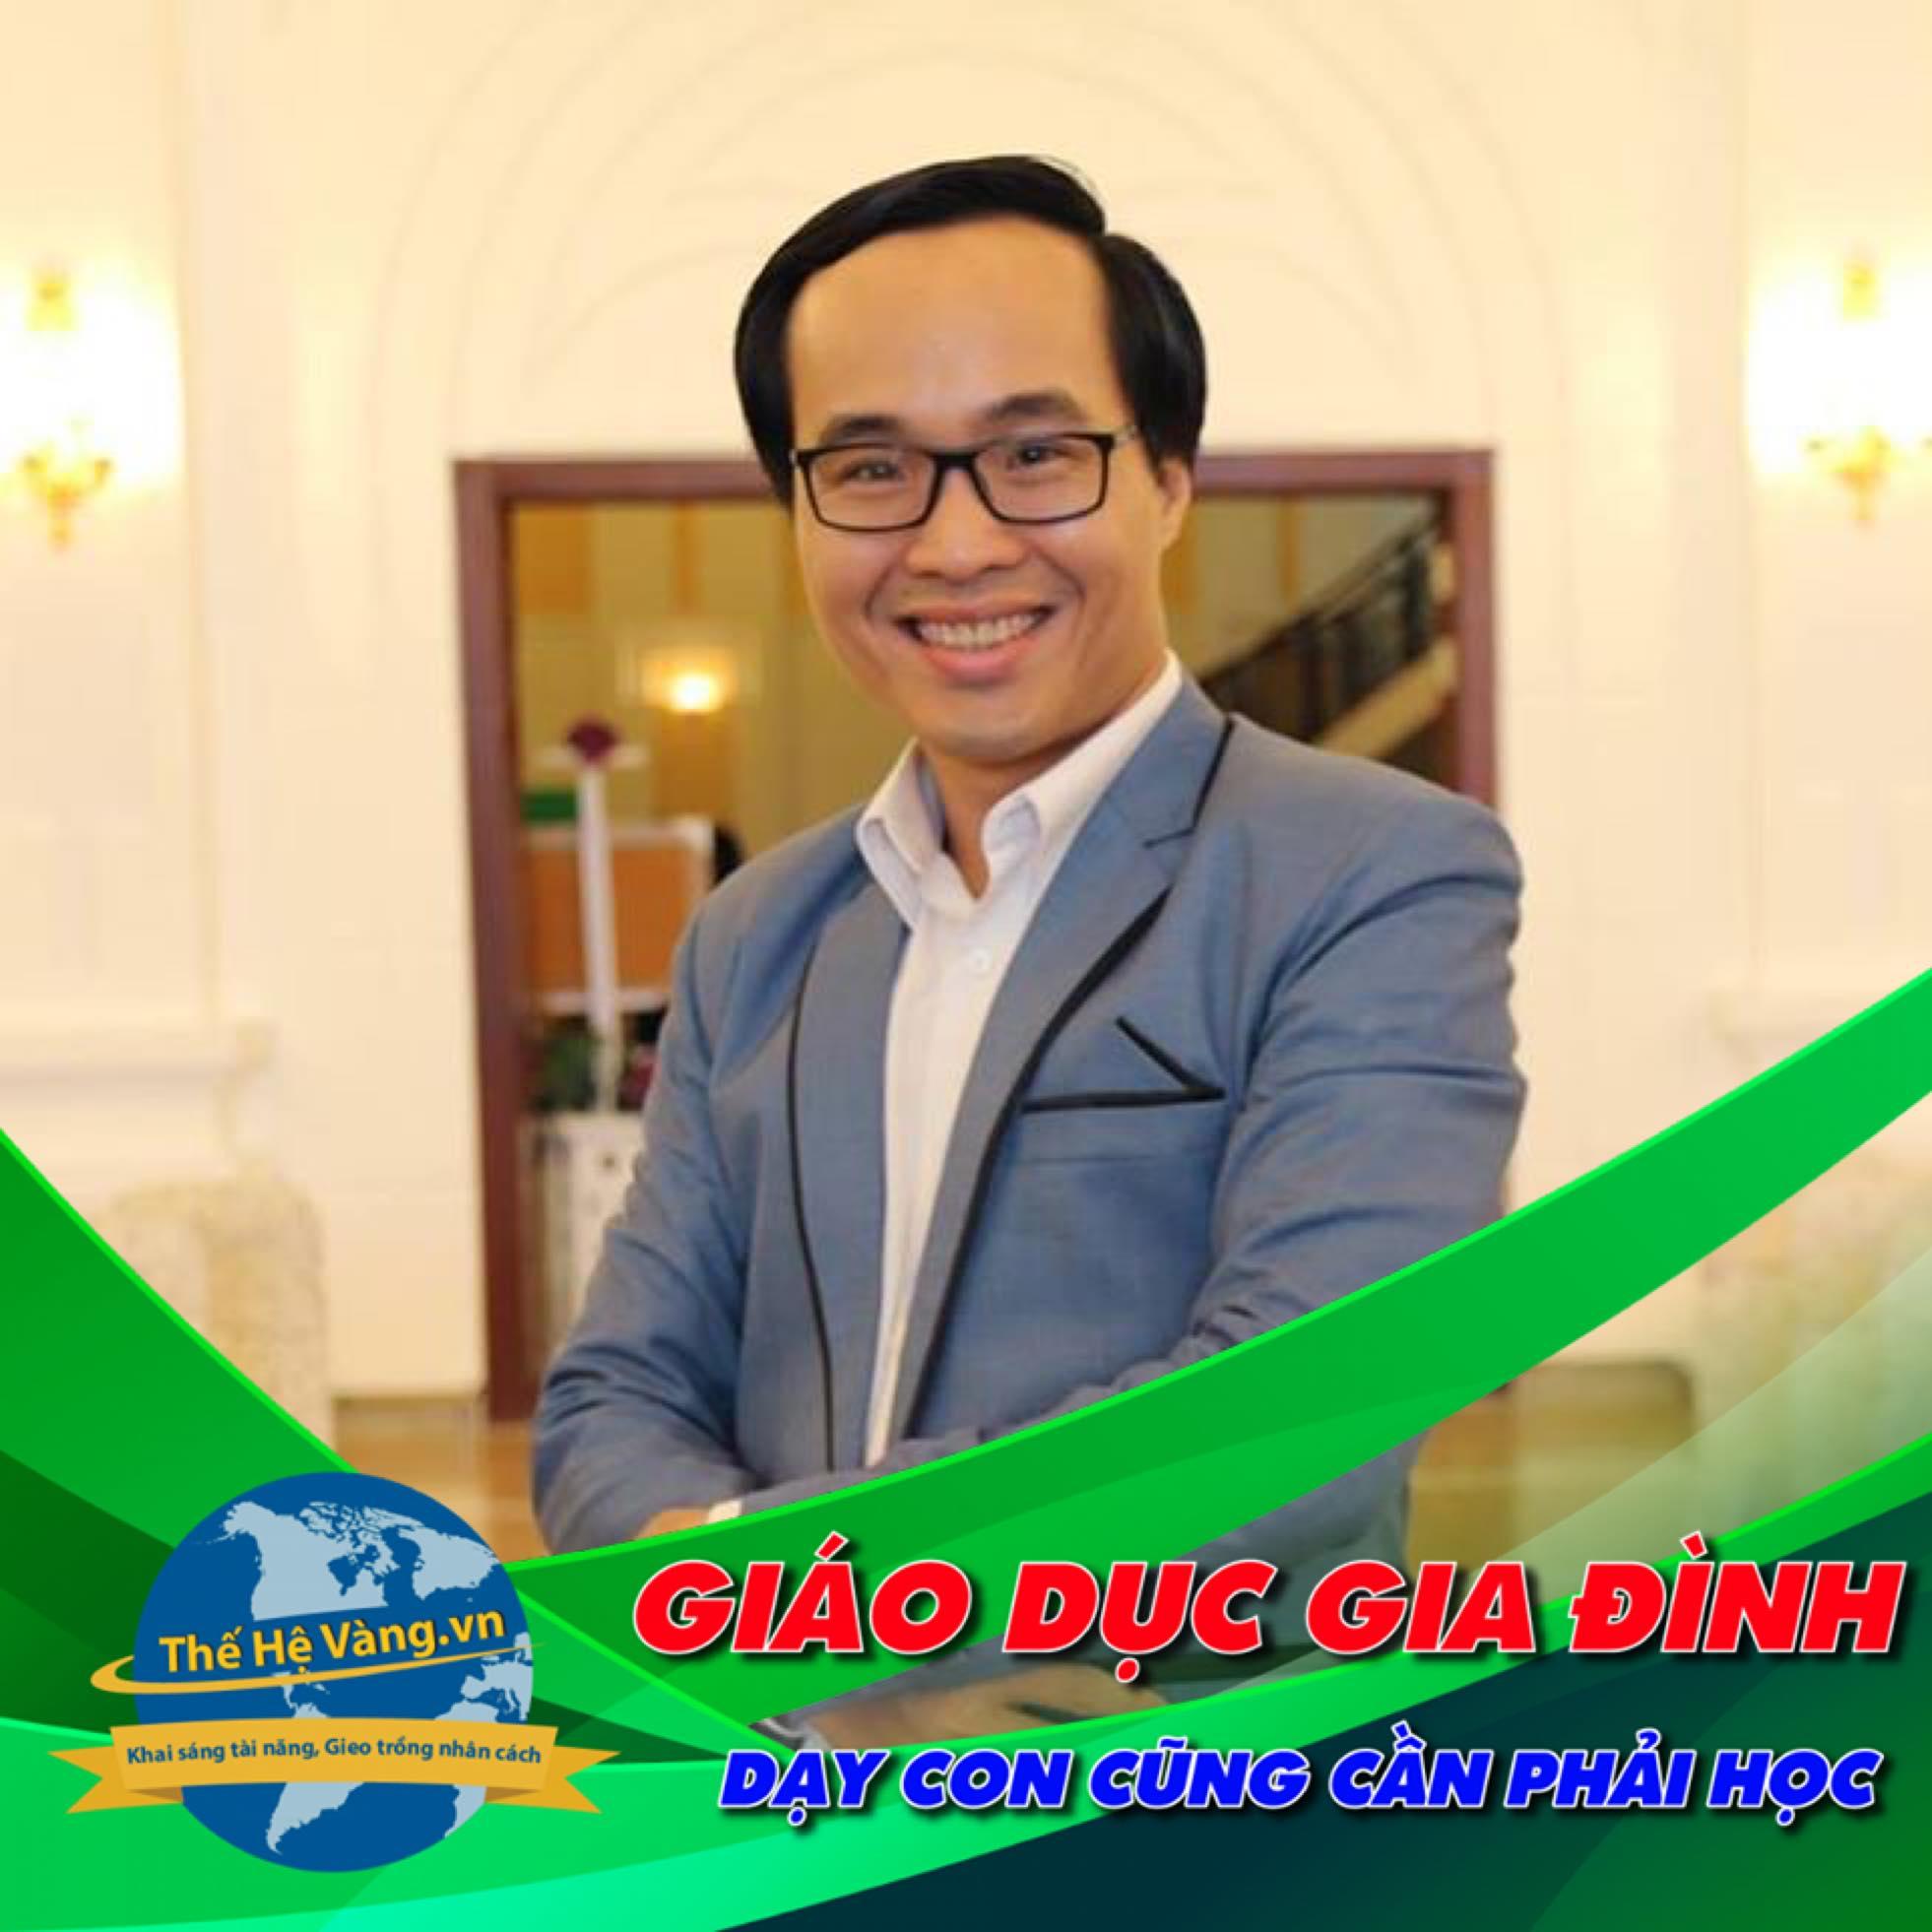 Thầy Lê Thanh Trông - Người đồng hành cùng cha mẹ và kể câu chuyện giáo dục gia đình